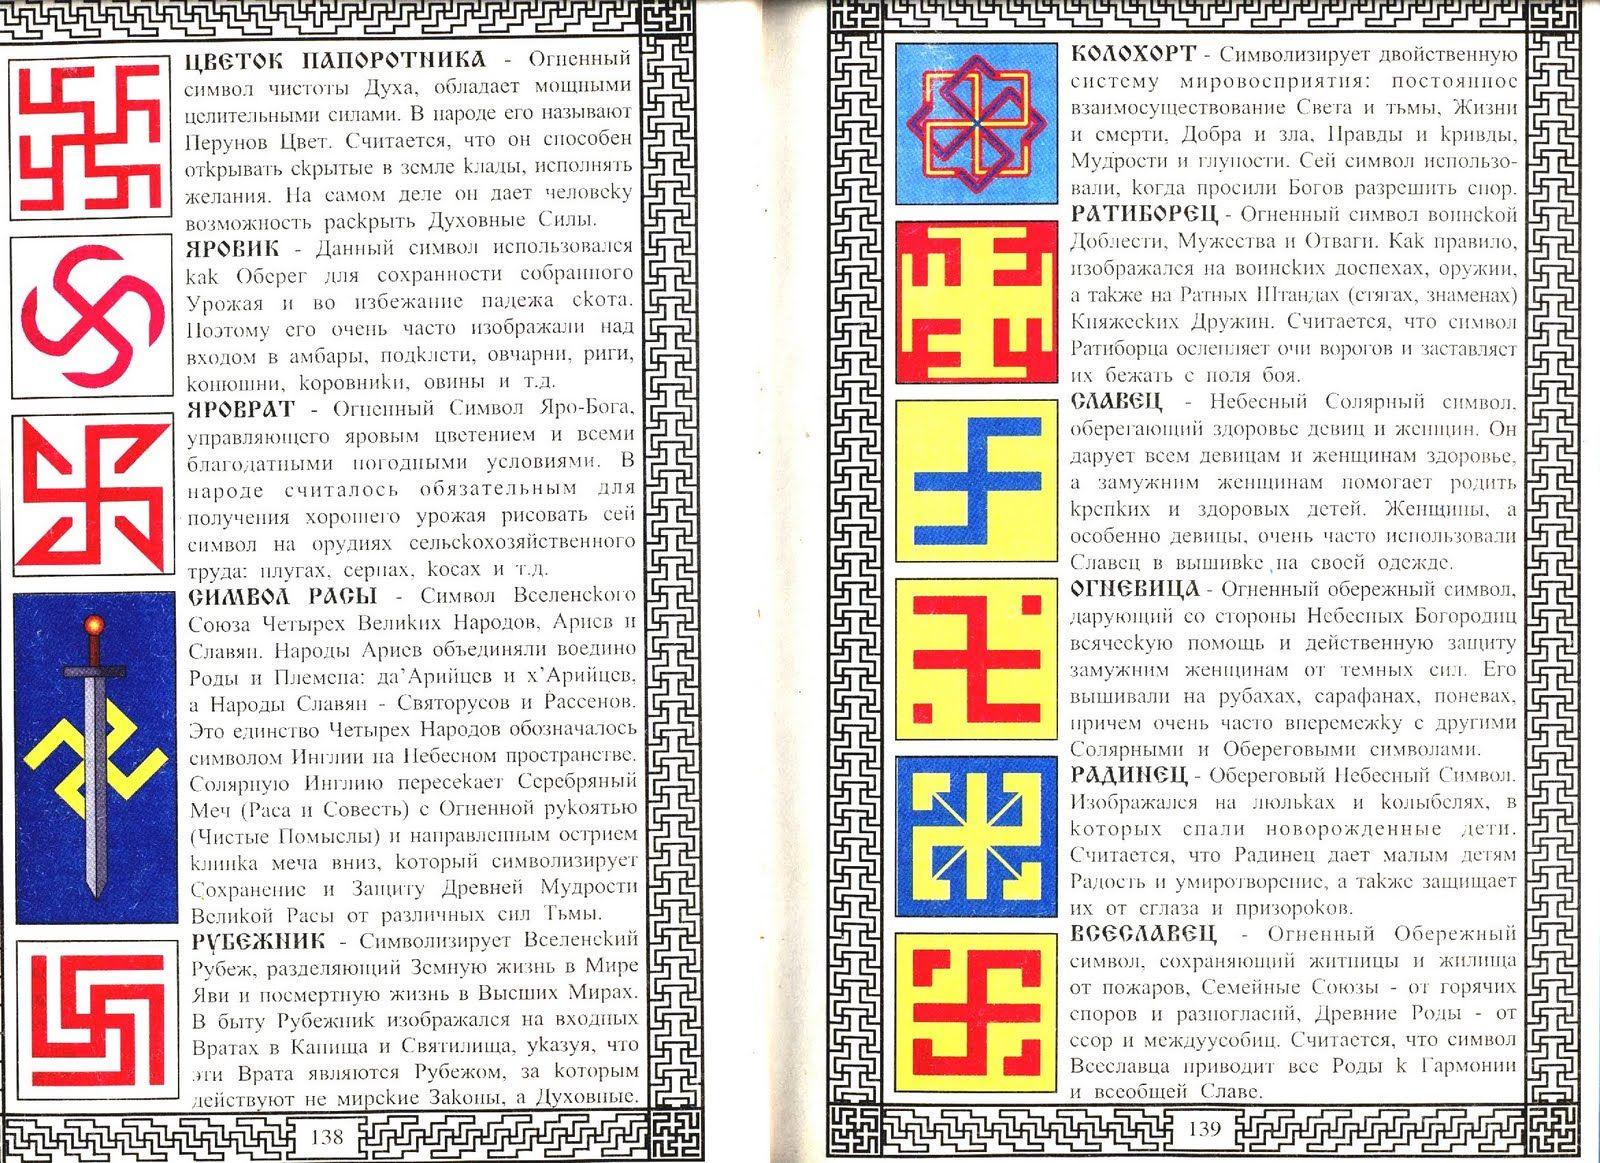 Полный список, славянских, символов